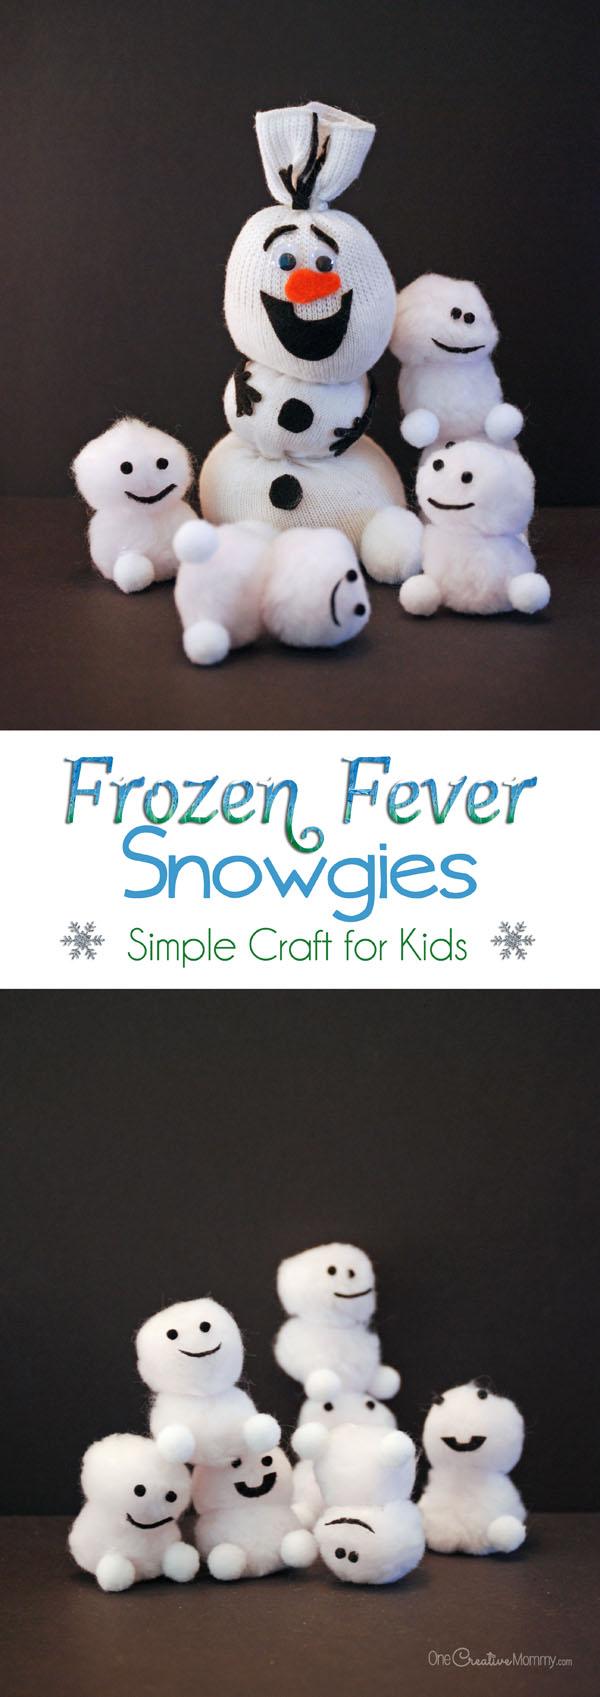 frozen-fever-snowgies-craft